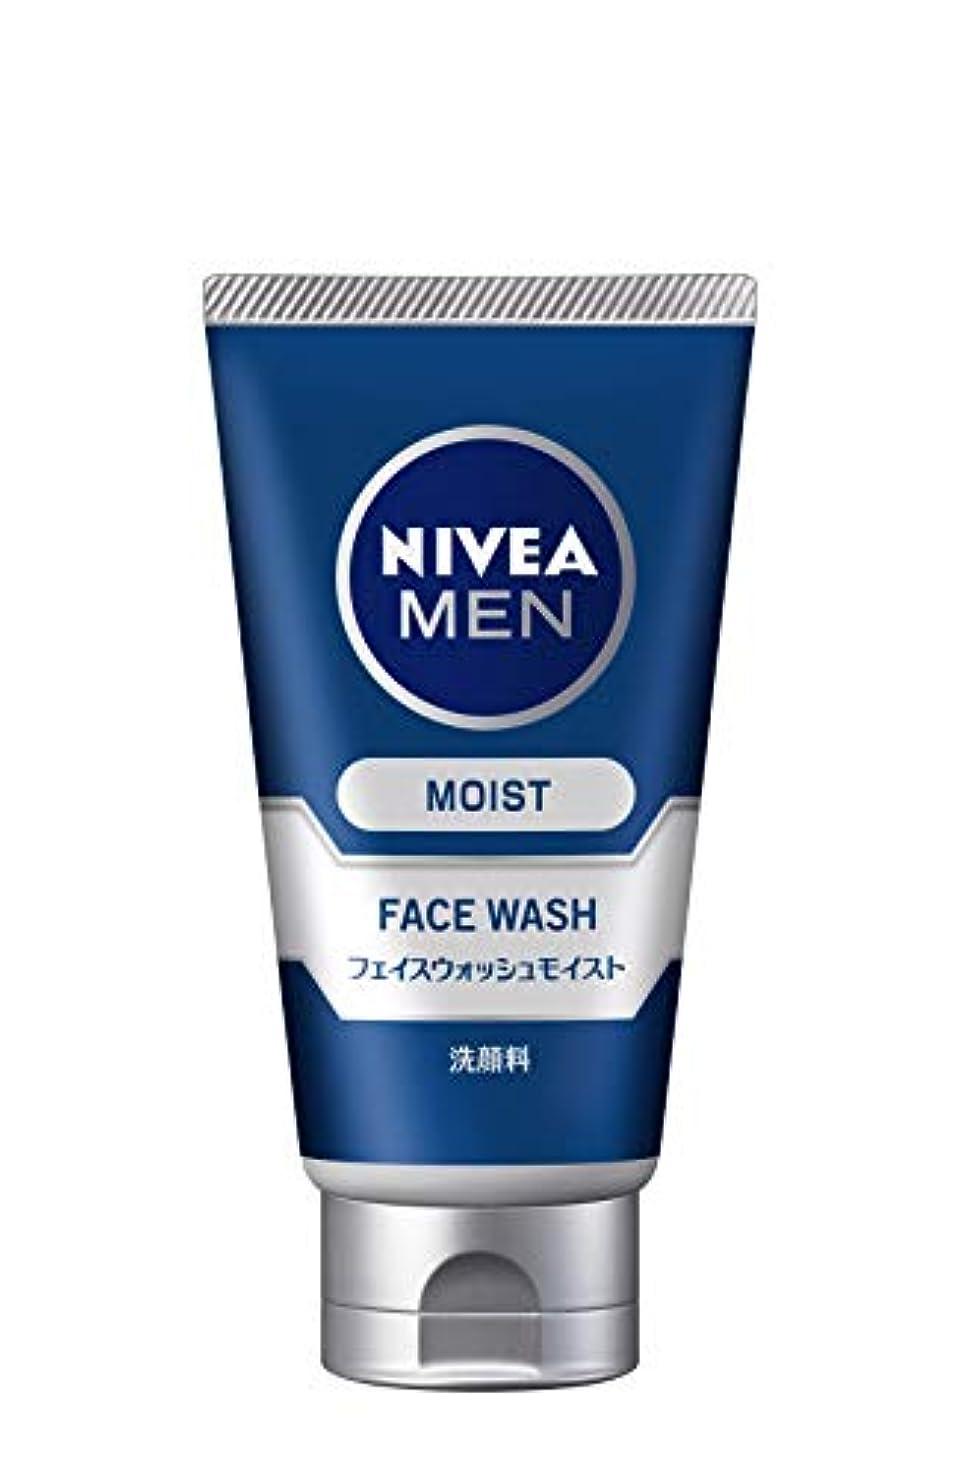 オーナメントタービン冷えるニベアメン フェイスウォッシュモイスト 100g 男性用 洗顔料